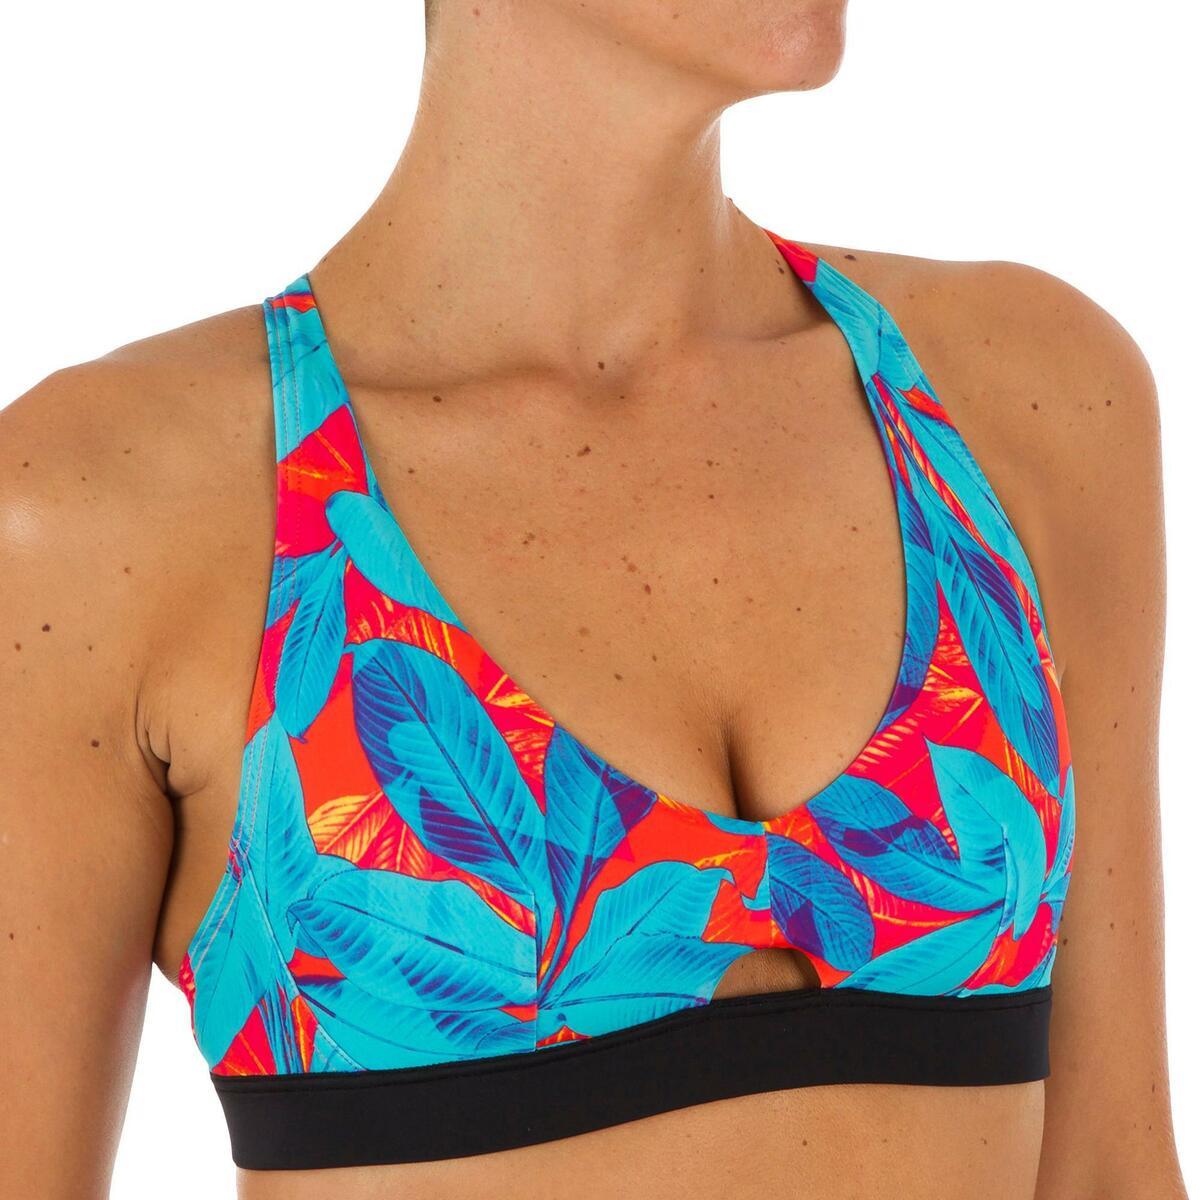 Bild 3 von Bikini-Oberteil Bustier Agatha Walis Rücken doppelt verstellbar Damen